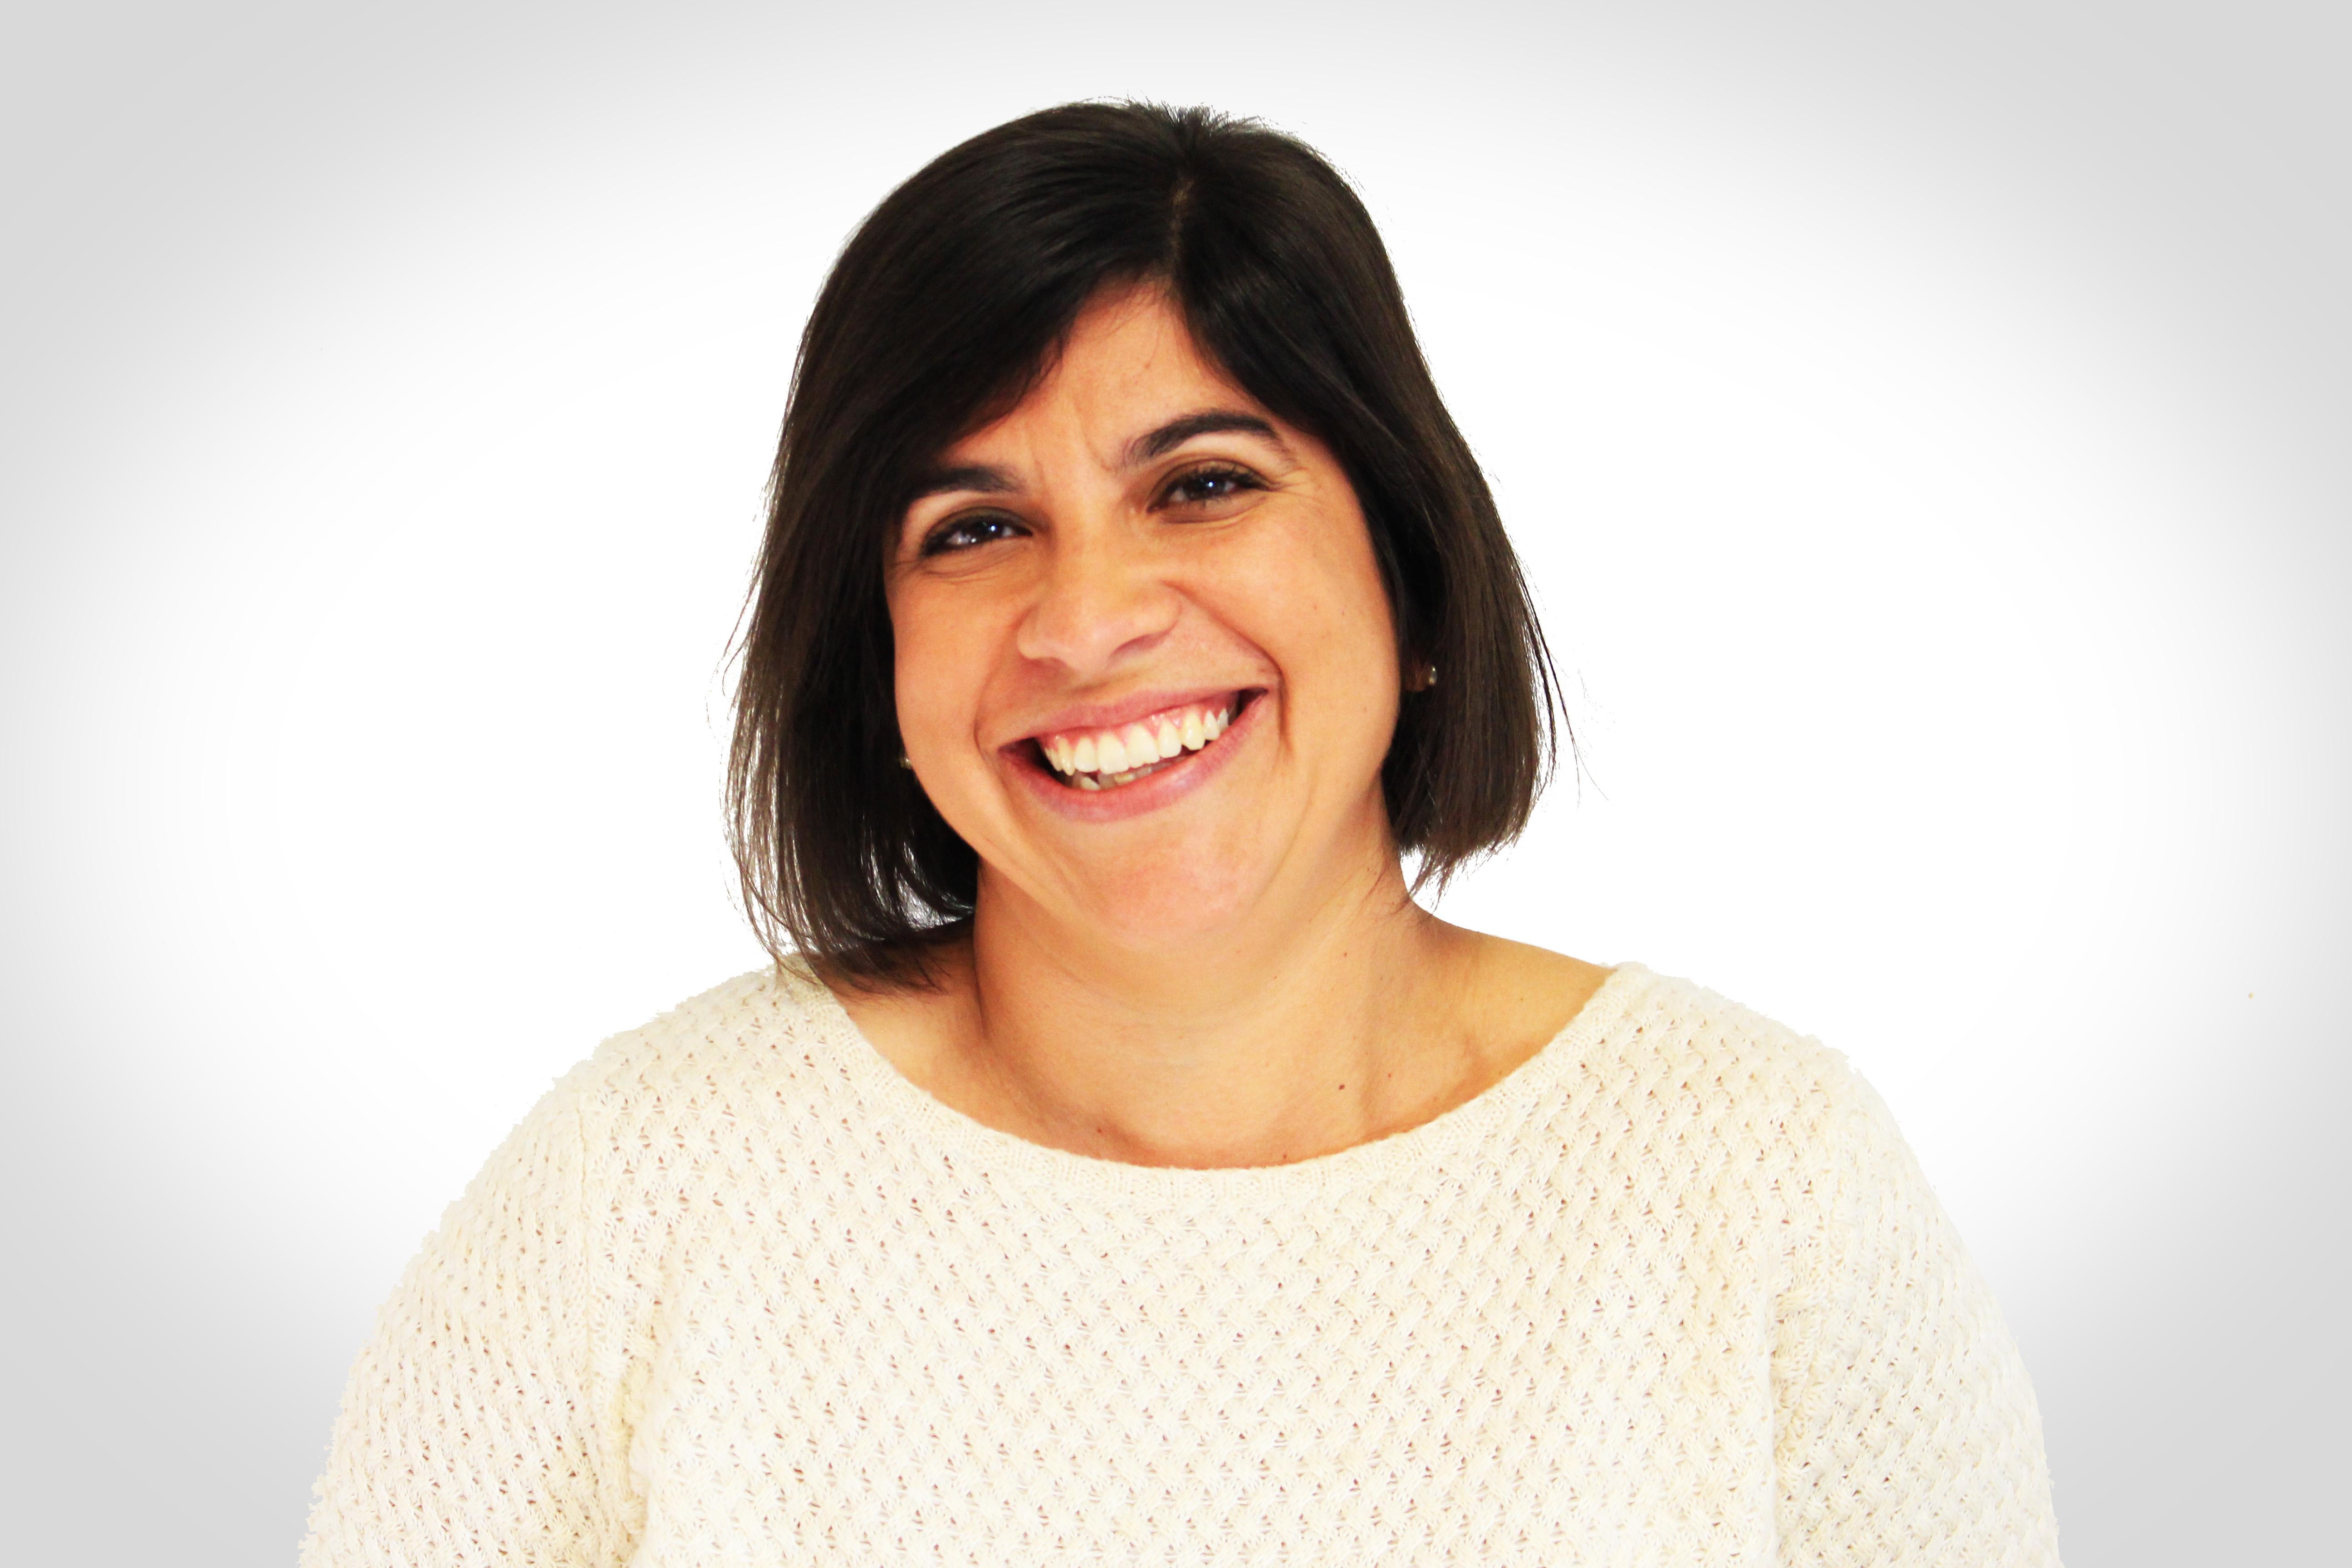 María Cachero